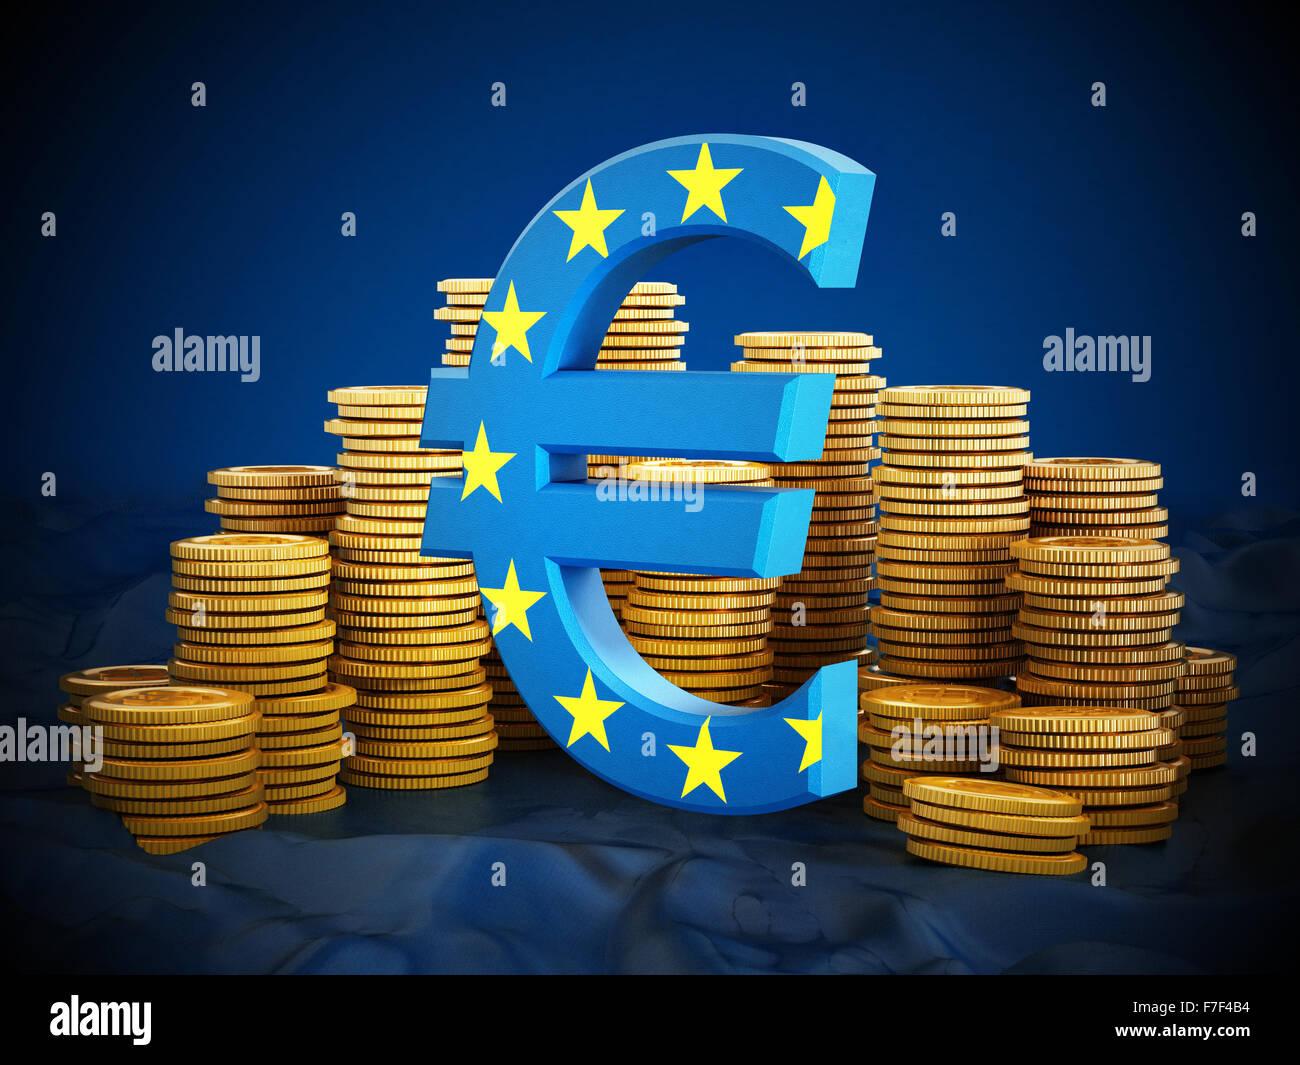 Symbole de l'euro et les pièces d'or sur fond bleu. Photo Stock